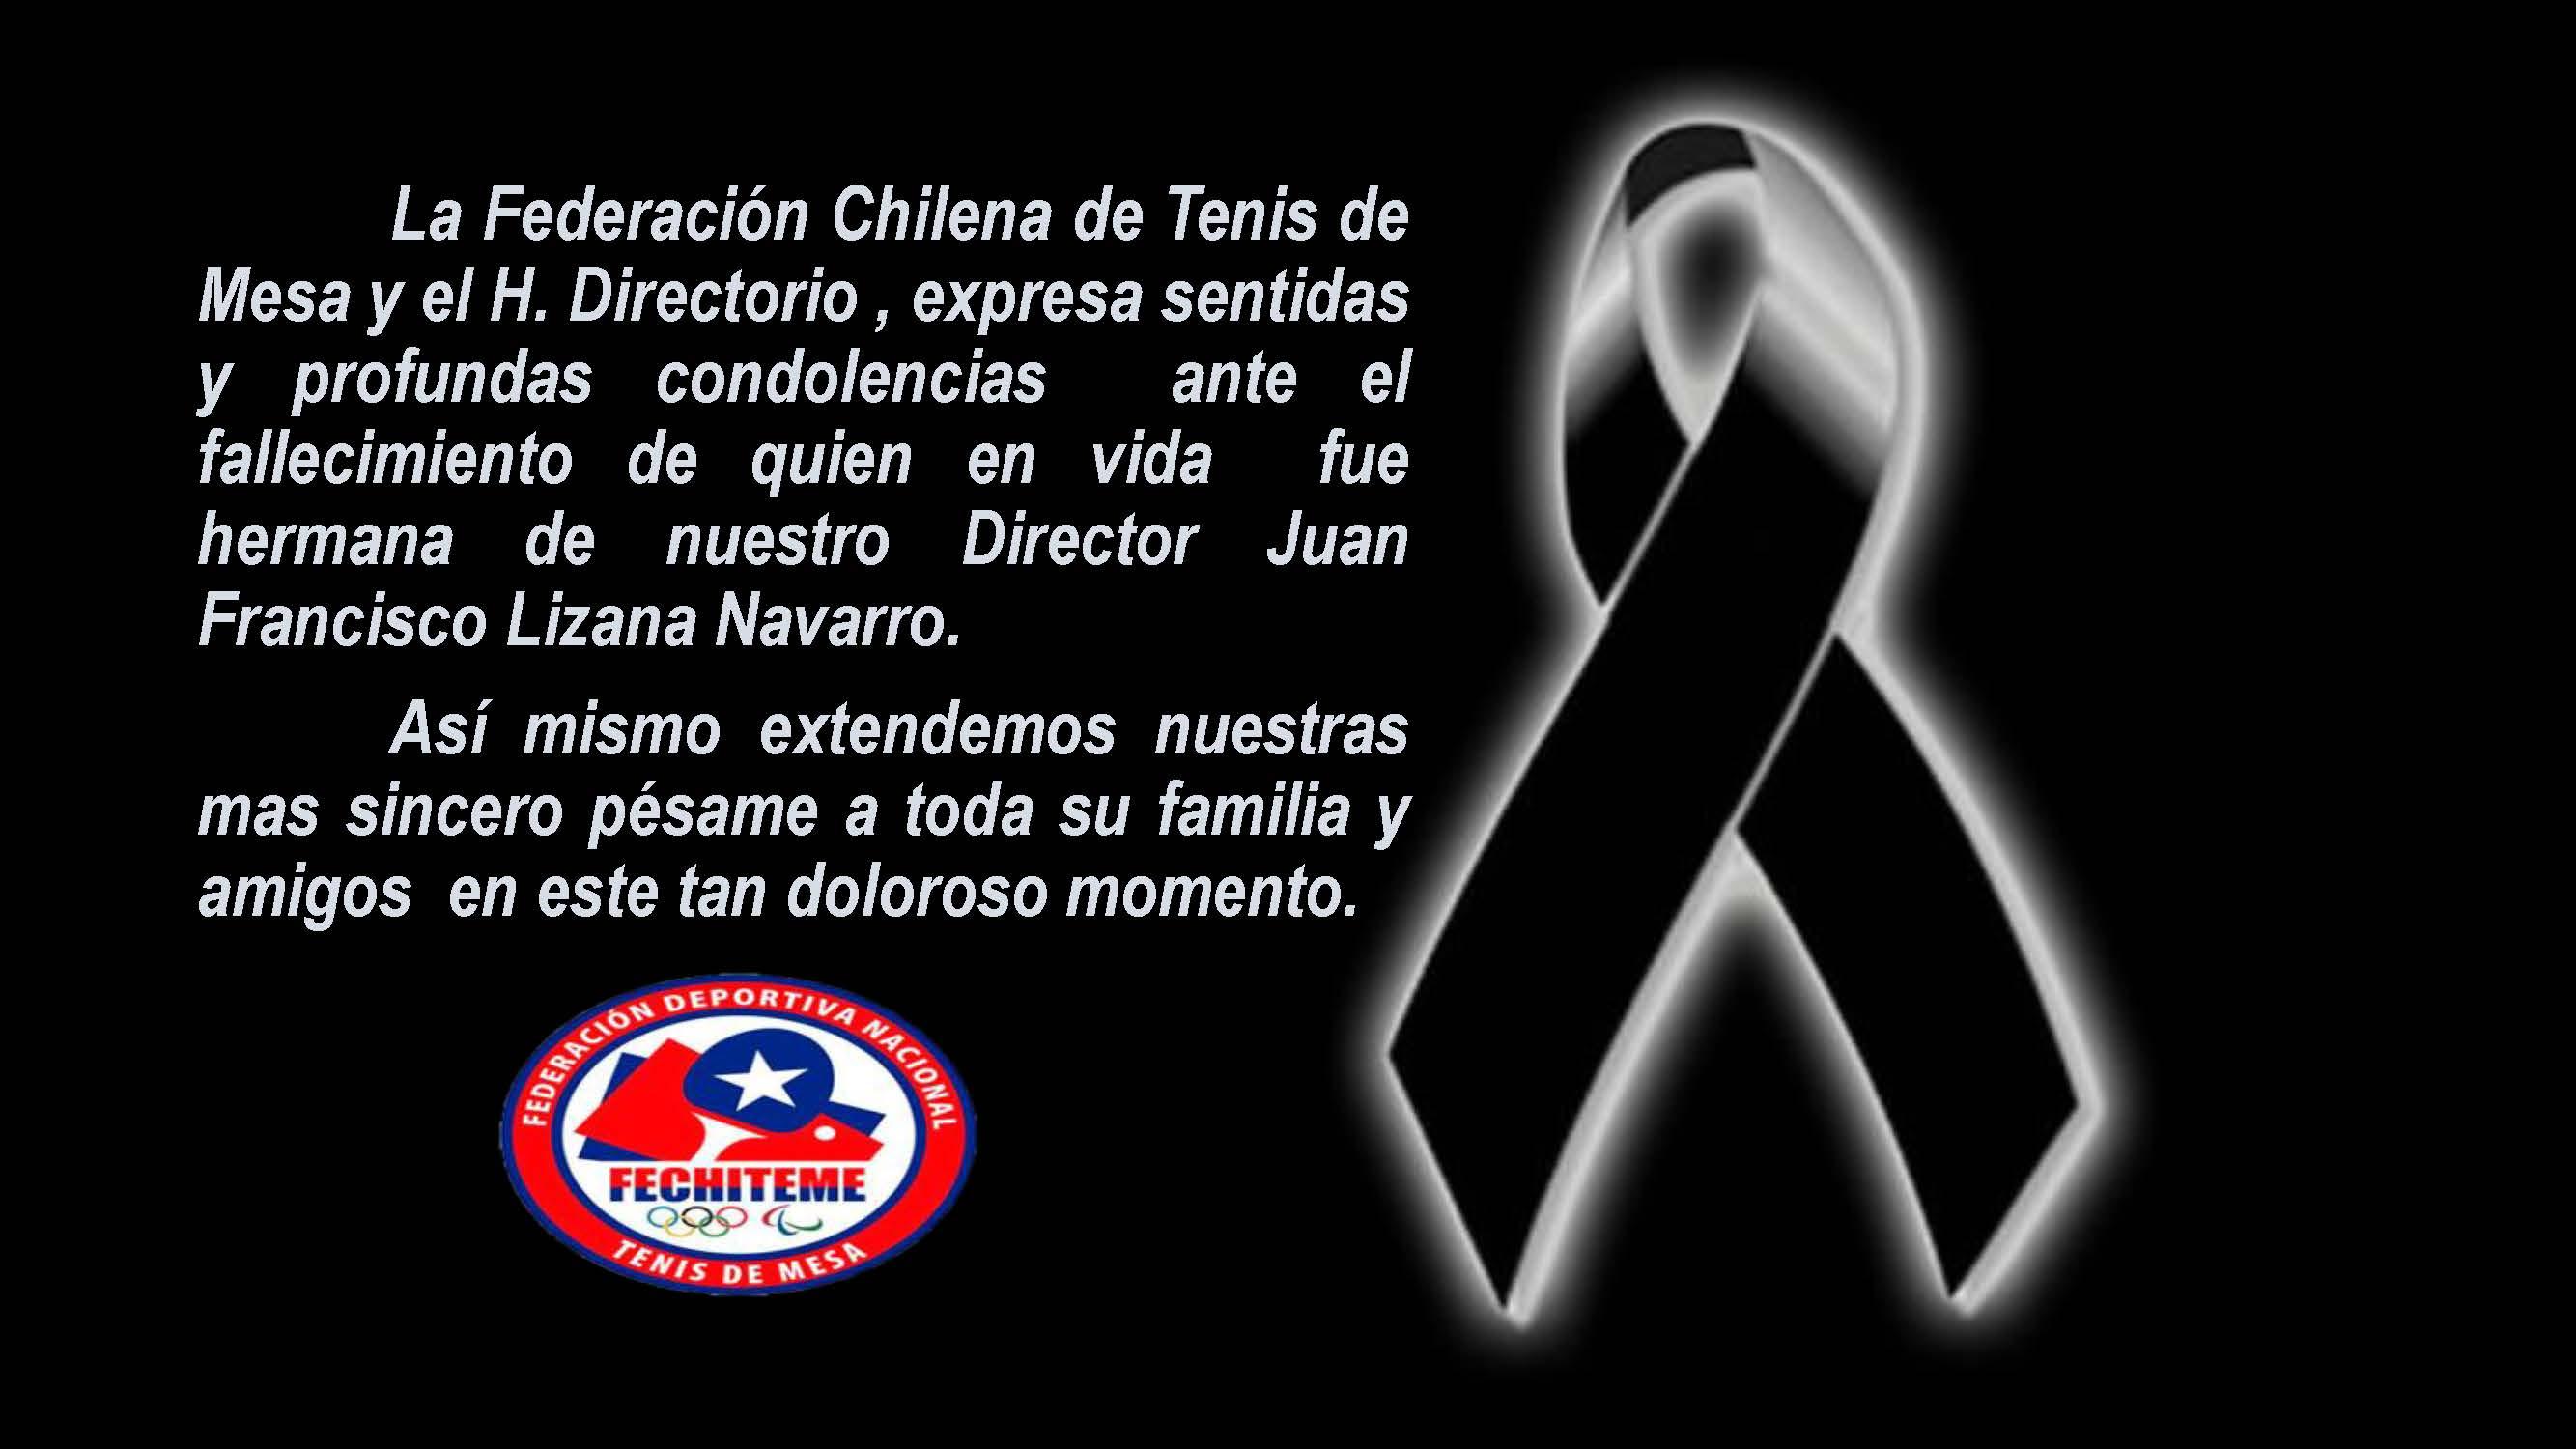 Nuestras sentidas condolencias a Don Juan Lizana y familiares.